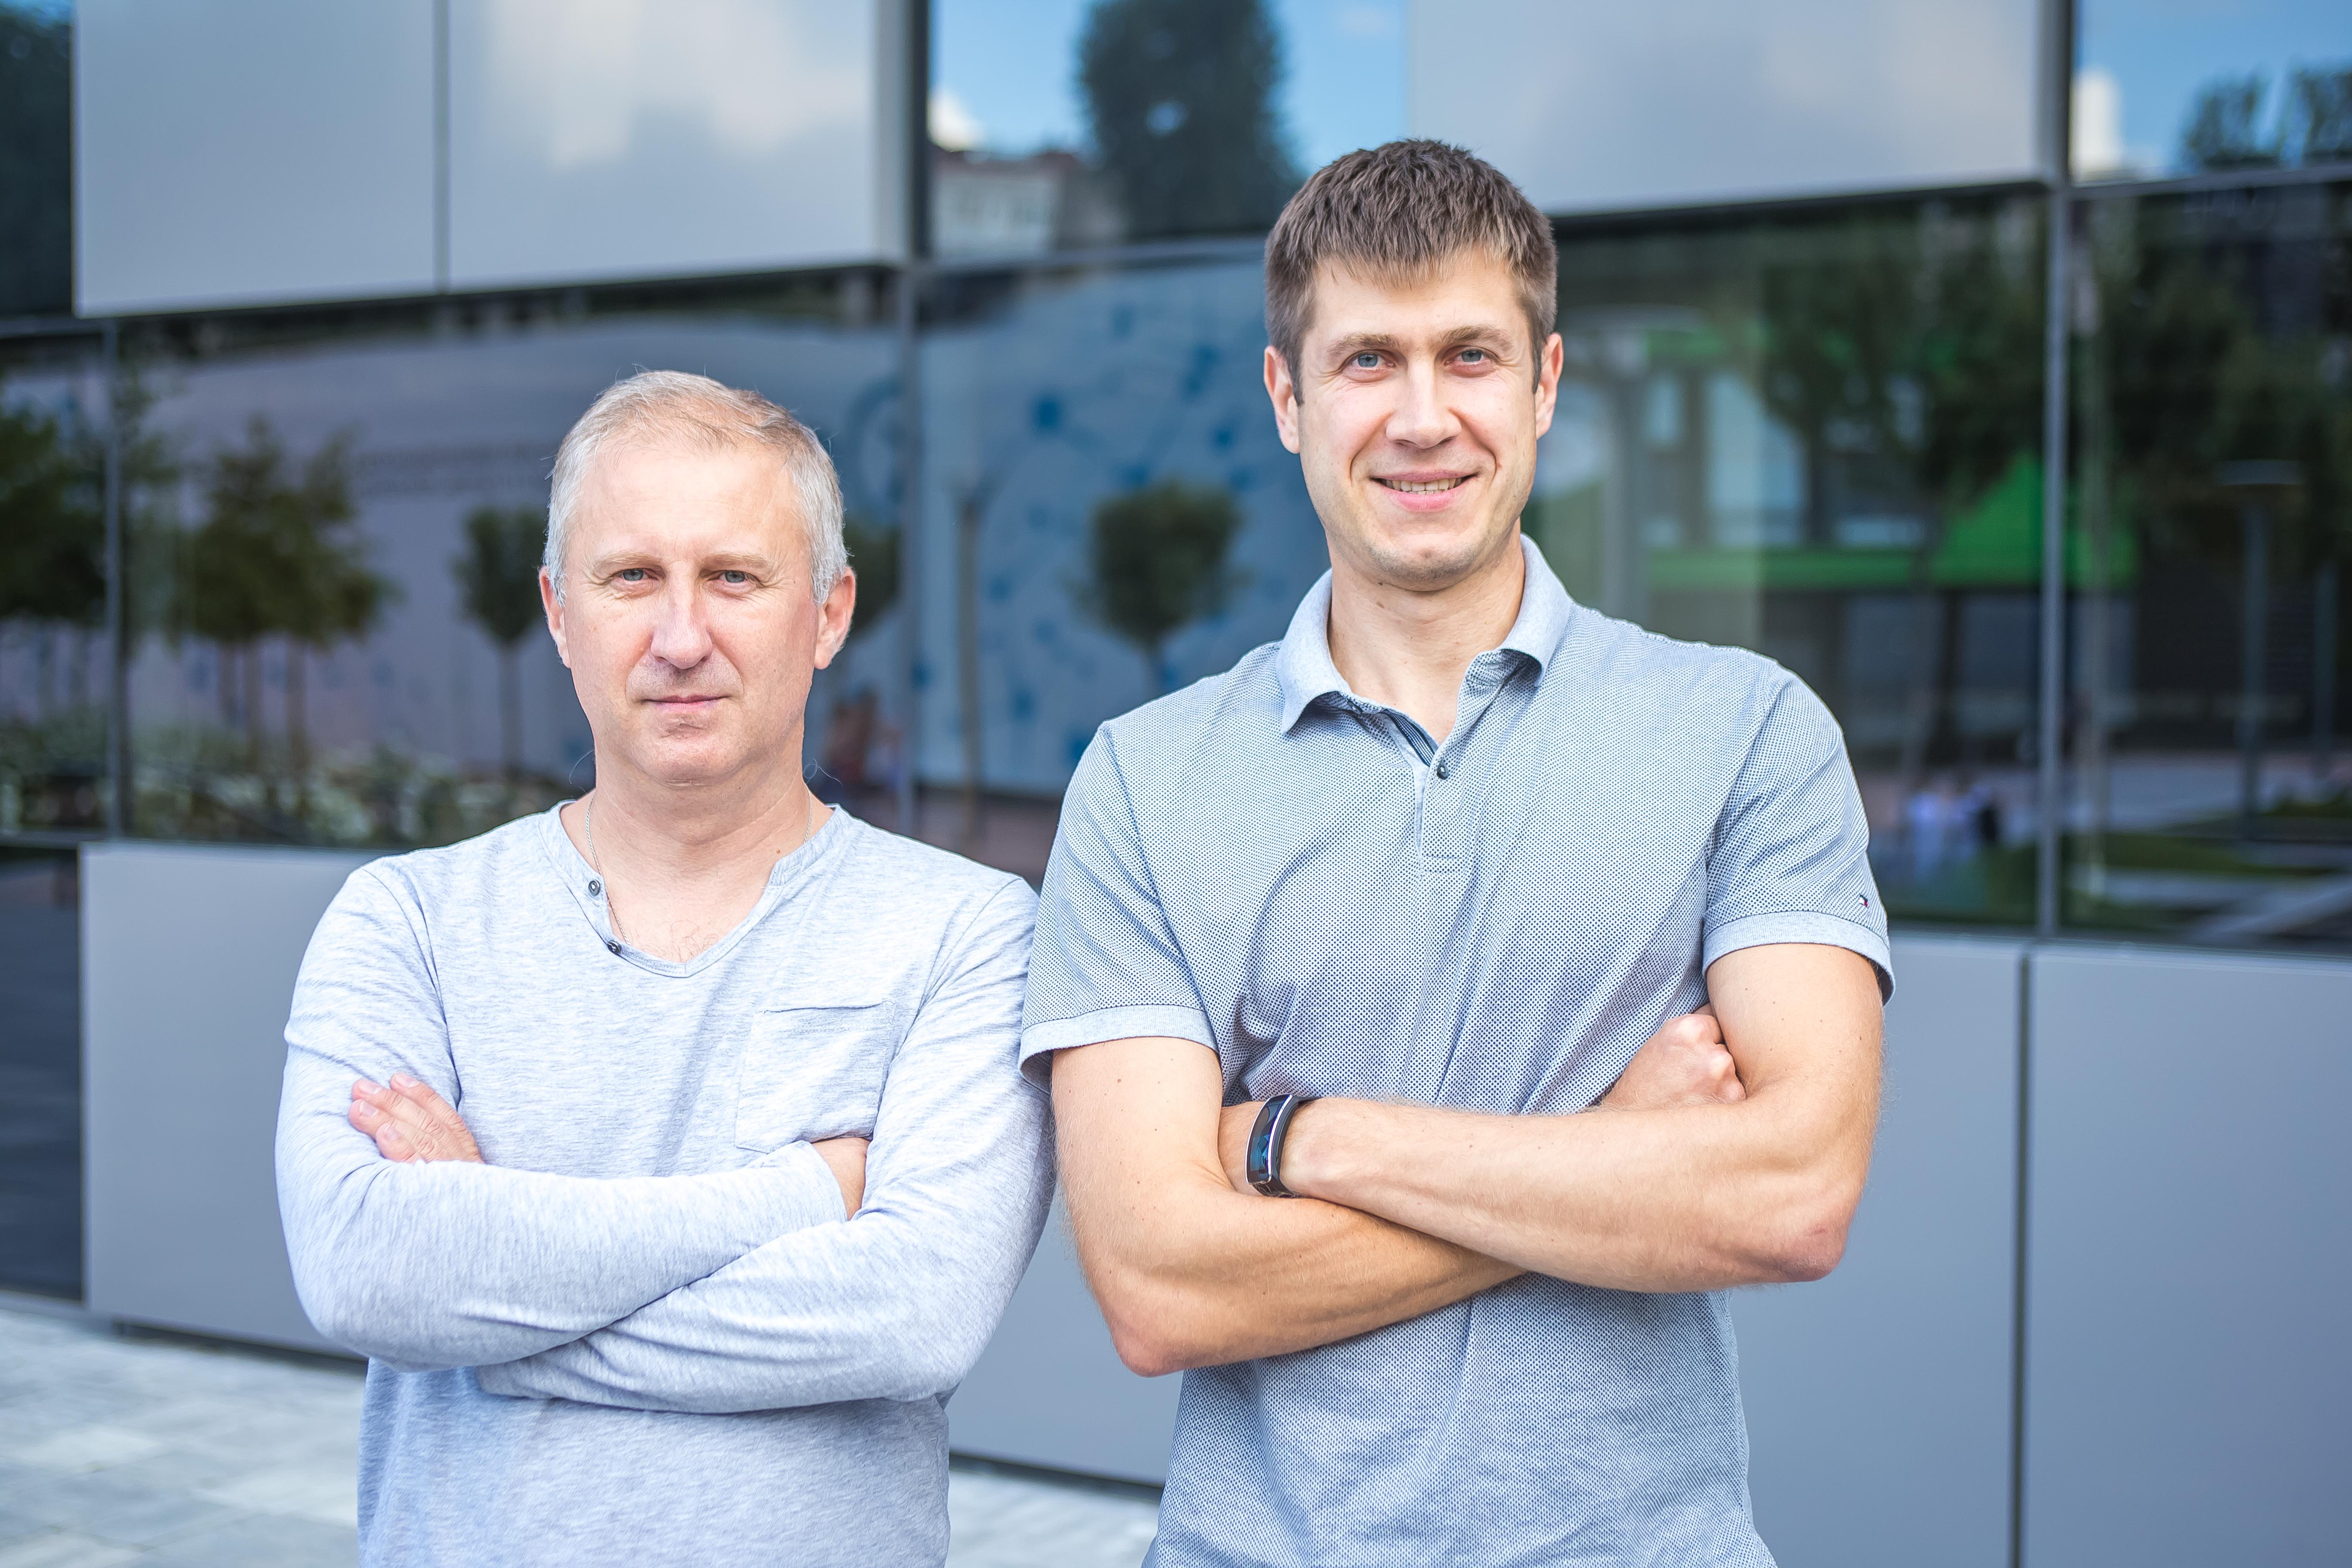 Сделано в Украине. Как наши стартапы улучшают банковский сервис